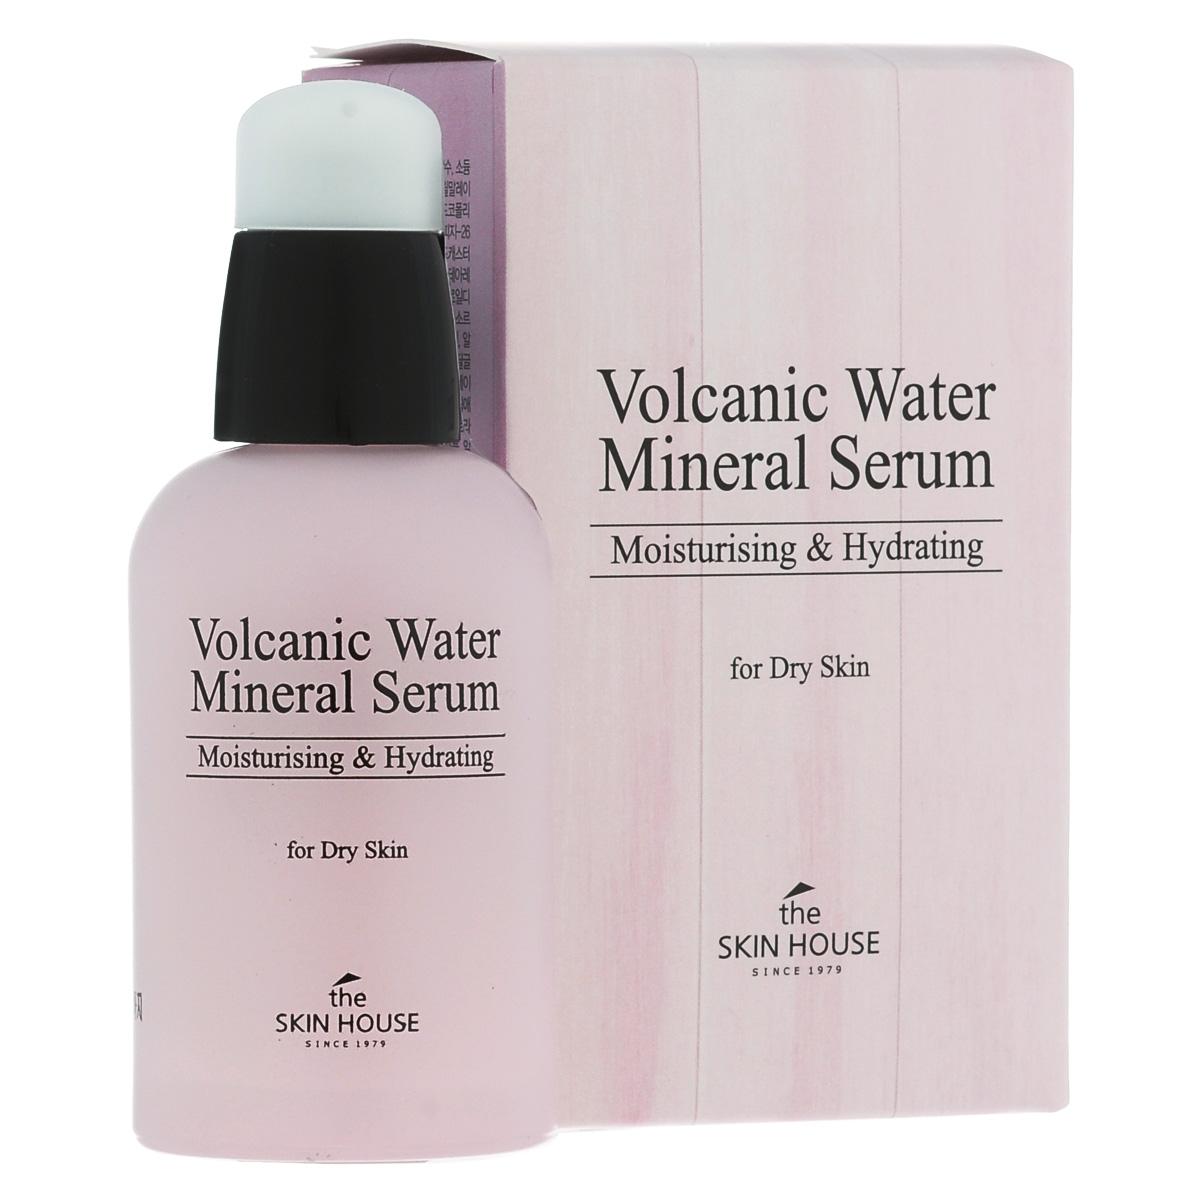 The Skin House Сыворотка для сухой кожи с минеральной вулканической водой, 50 млFS-00897Сыворотка на основе минеральной вулканической воды быстро, глубоко и интенсивно увлажняет кожу, тонизирует и питает ее полезными микроэлементами. Смягчает кожу и дарит ей здоровое сияние, а так же создает на ее поверхности защитный барьер, который препятствует потере влаги. Минеральная вулканическая вода, содержащаяся в сыворотке, отфильтрована естественными фильтрами горных пород острова Чеджу, которые входят в список всемирного наследия Юнеско. Всевозможные примеси в воде устраняются благодаря естественной фильтрации несколькими десяткам базальтовых пород, образовавшихся в результате вулканической активности, вода насыщается питательными минеральными веществами. Вулканическая вода содержит в 10~50 раз больше питательных и минеральных веществ больше, нежели обычная вода. , а так же в 2~3 раза больше минеральных веществ чем какая-либо другая вода из SPA источников.Кроме того, сыворотка содрежит такие компоненты, как коллаген и фильтрат секрета улитки: благодаря им, средство делает кожу эластичной, сужает поры и выравнивает текстуру.